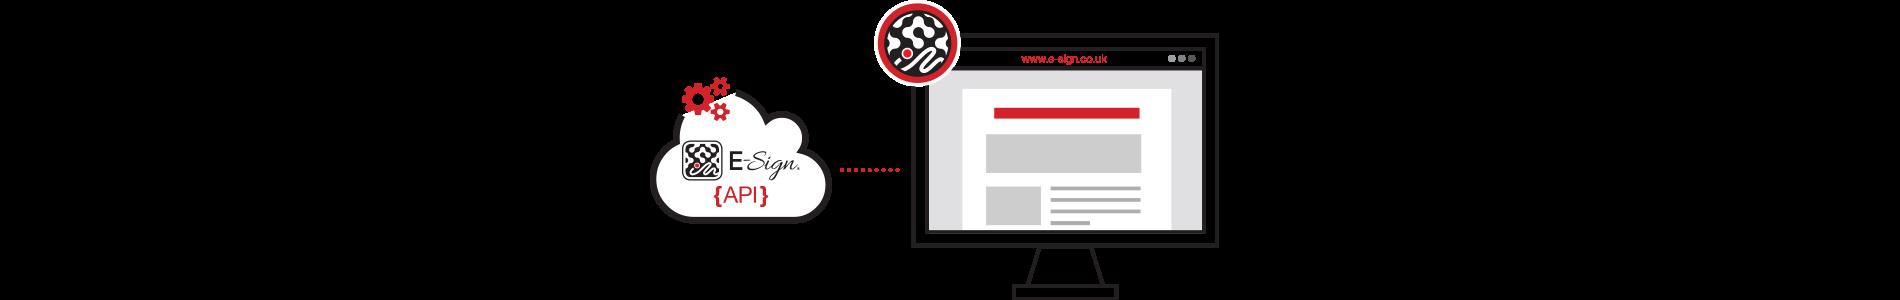 e-sign-api-our-site-main